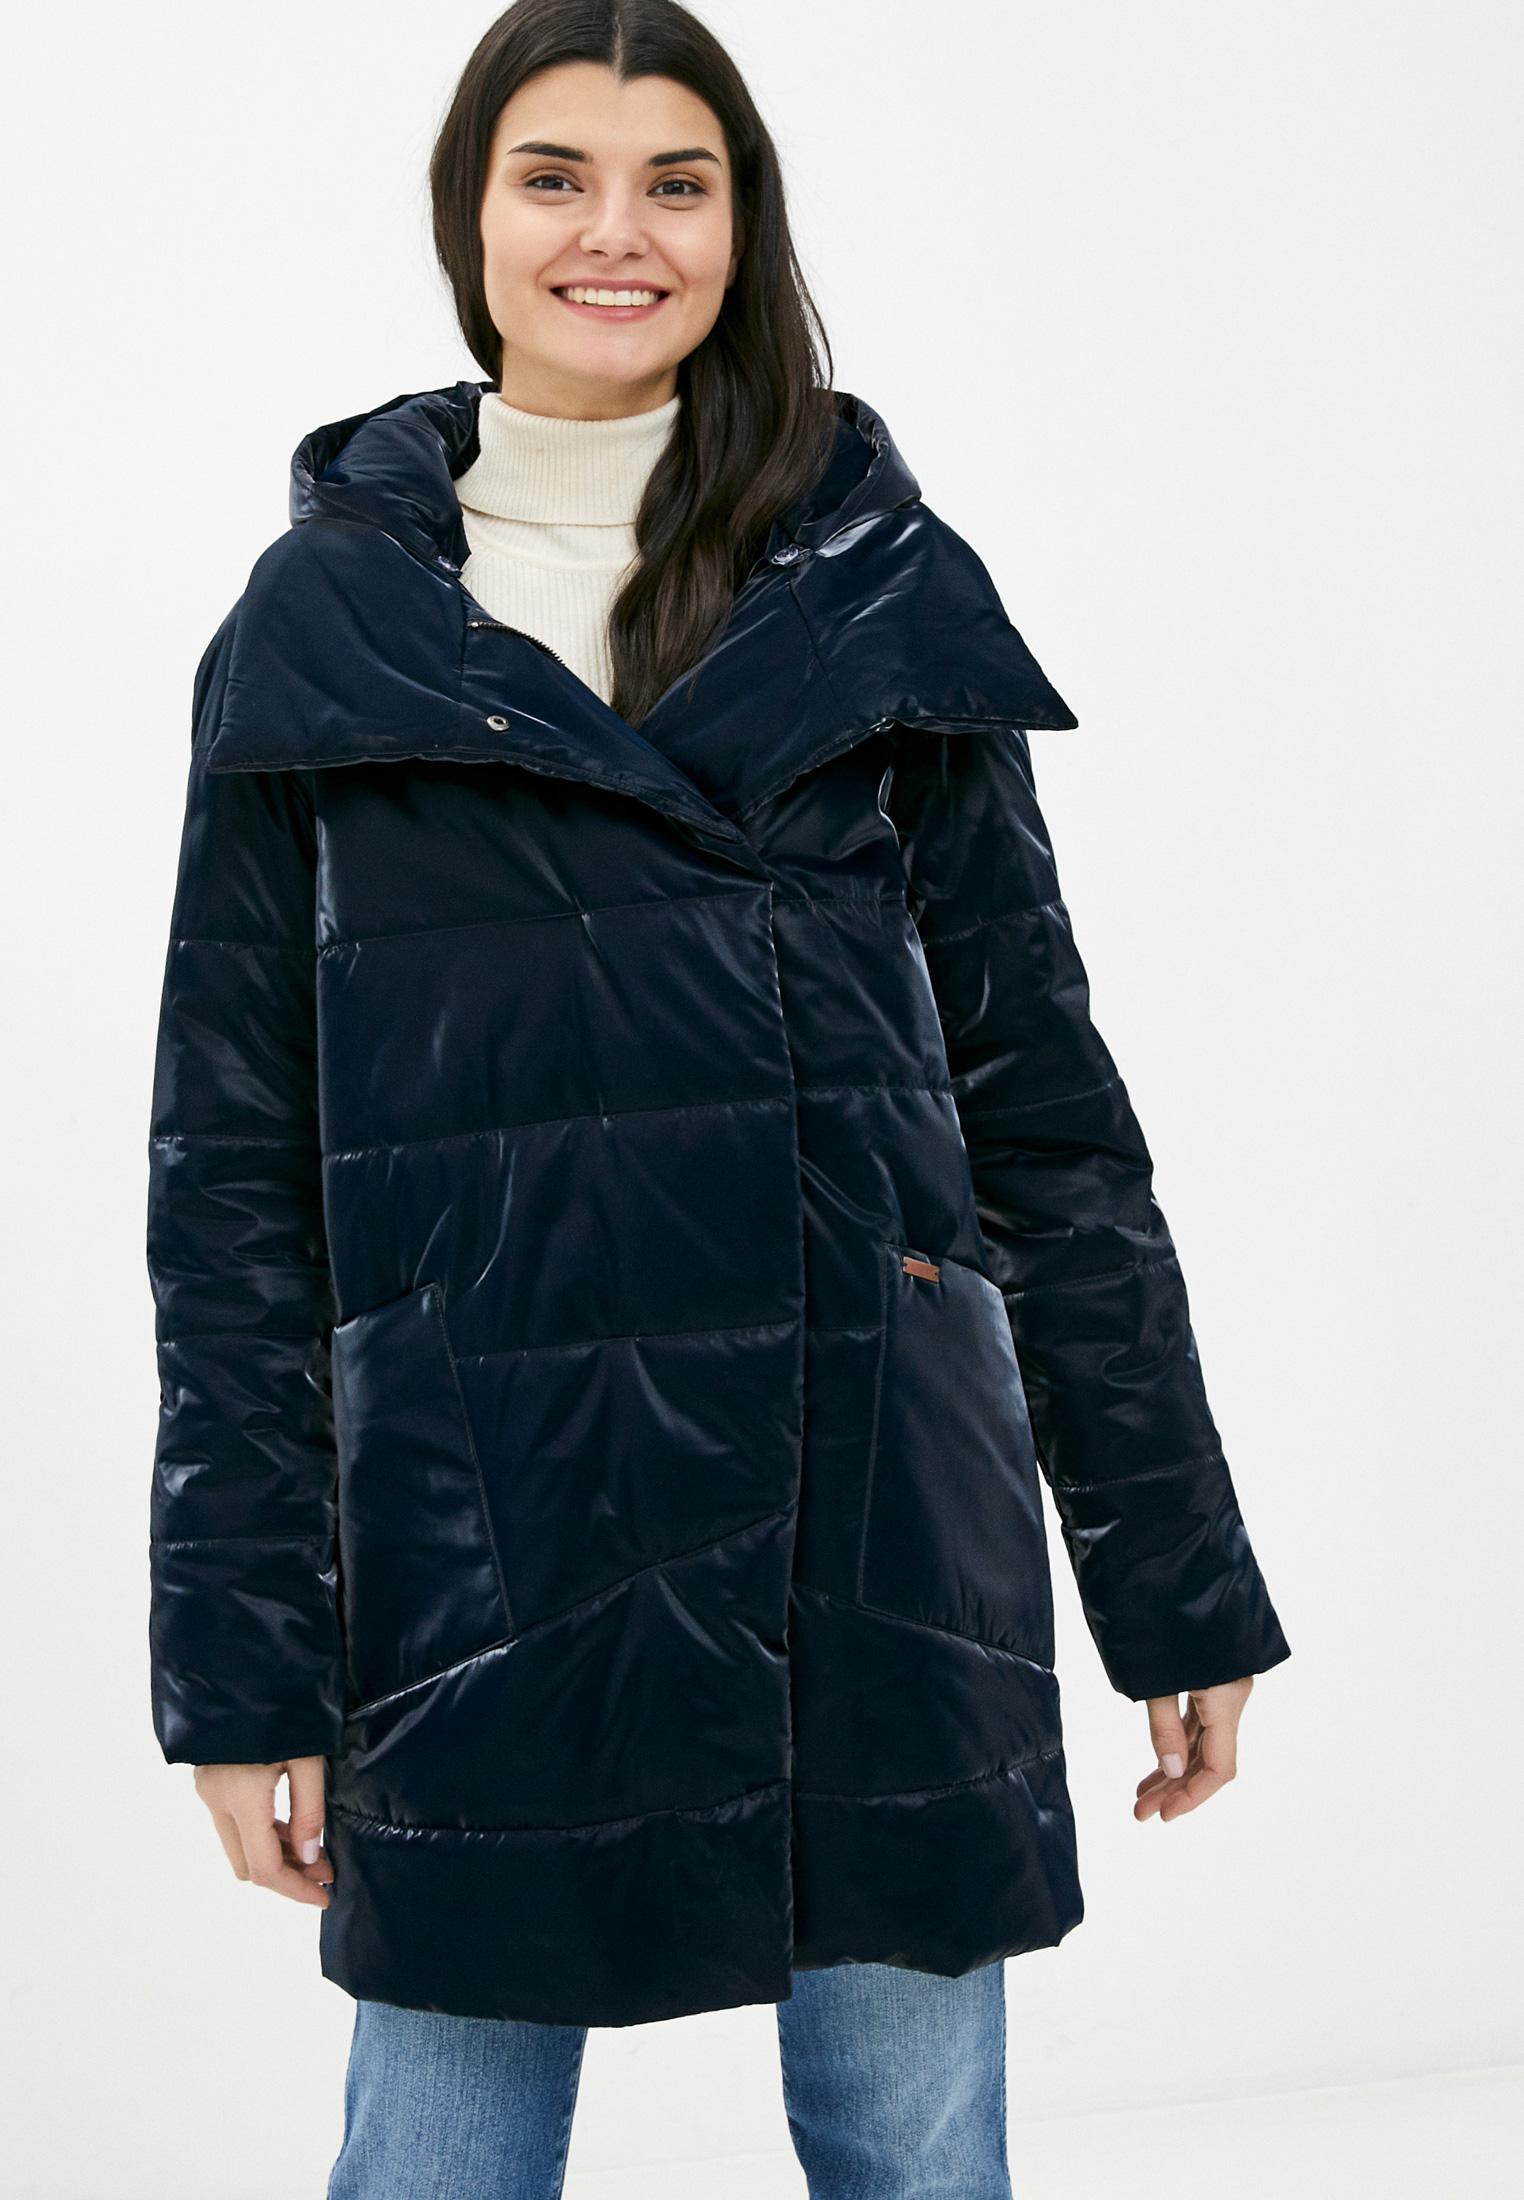 Куртка Nataliy Beate Пальто мод 161